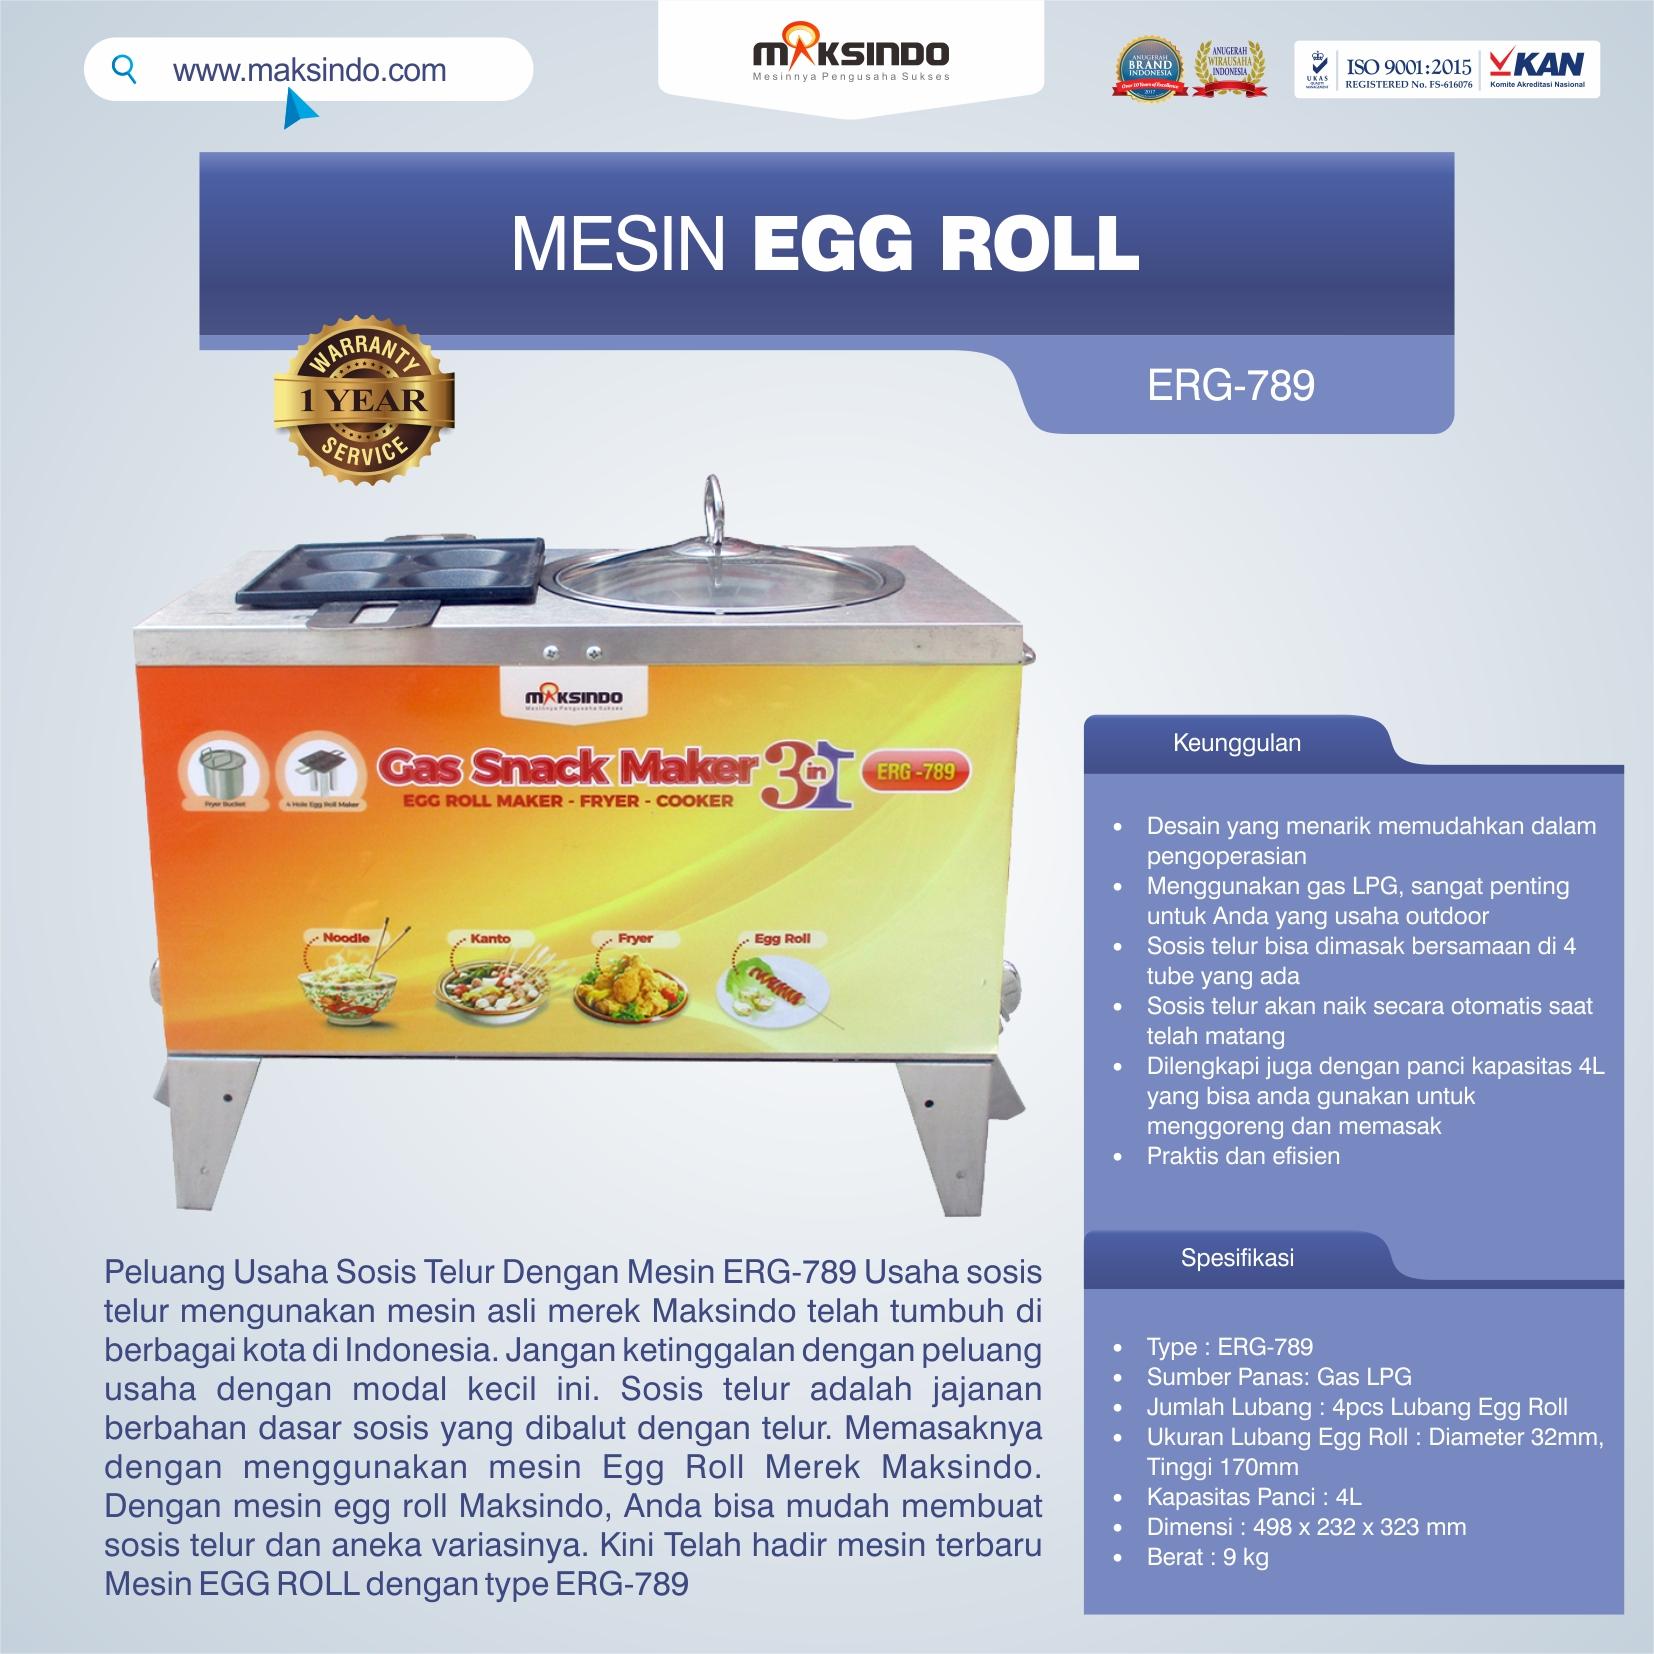 Jual Mesin Egg Roll ERG-789 di Banjarmasin